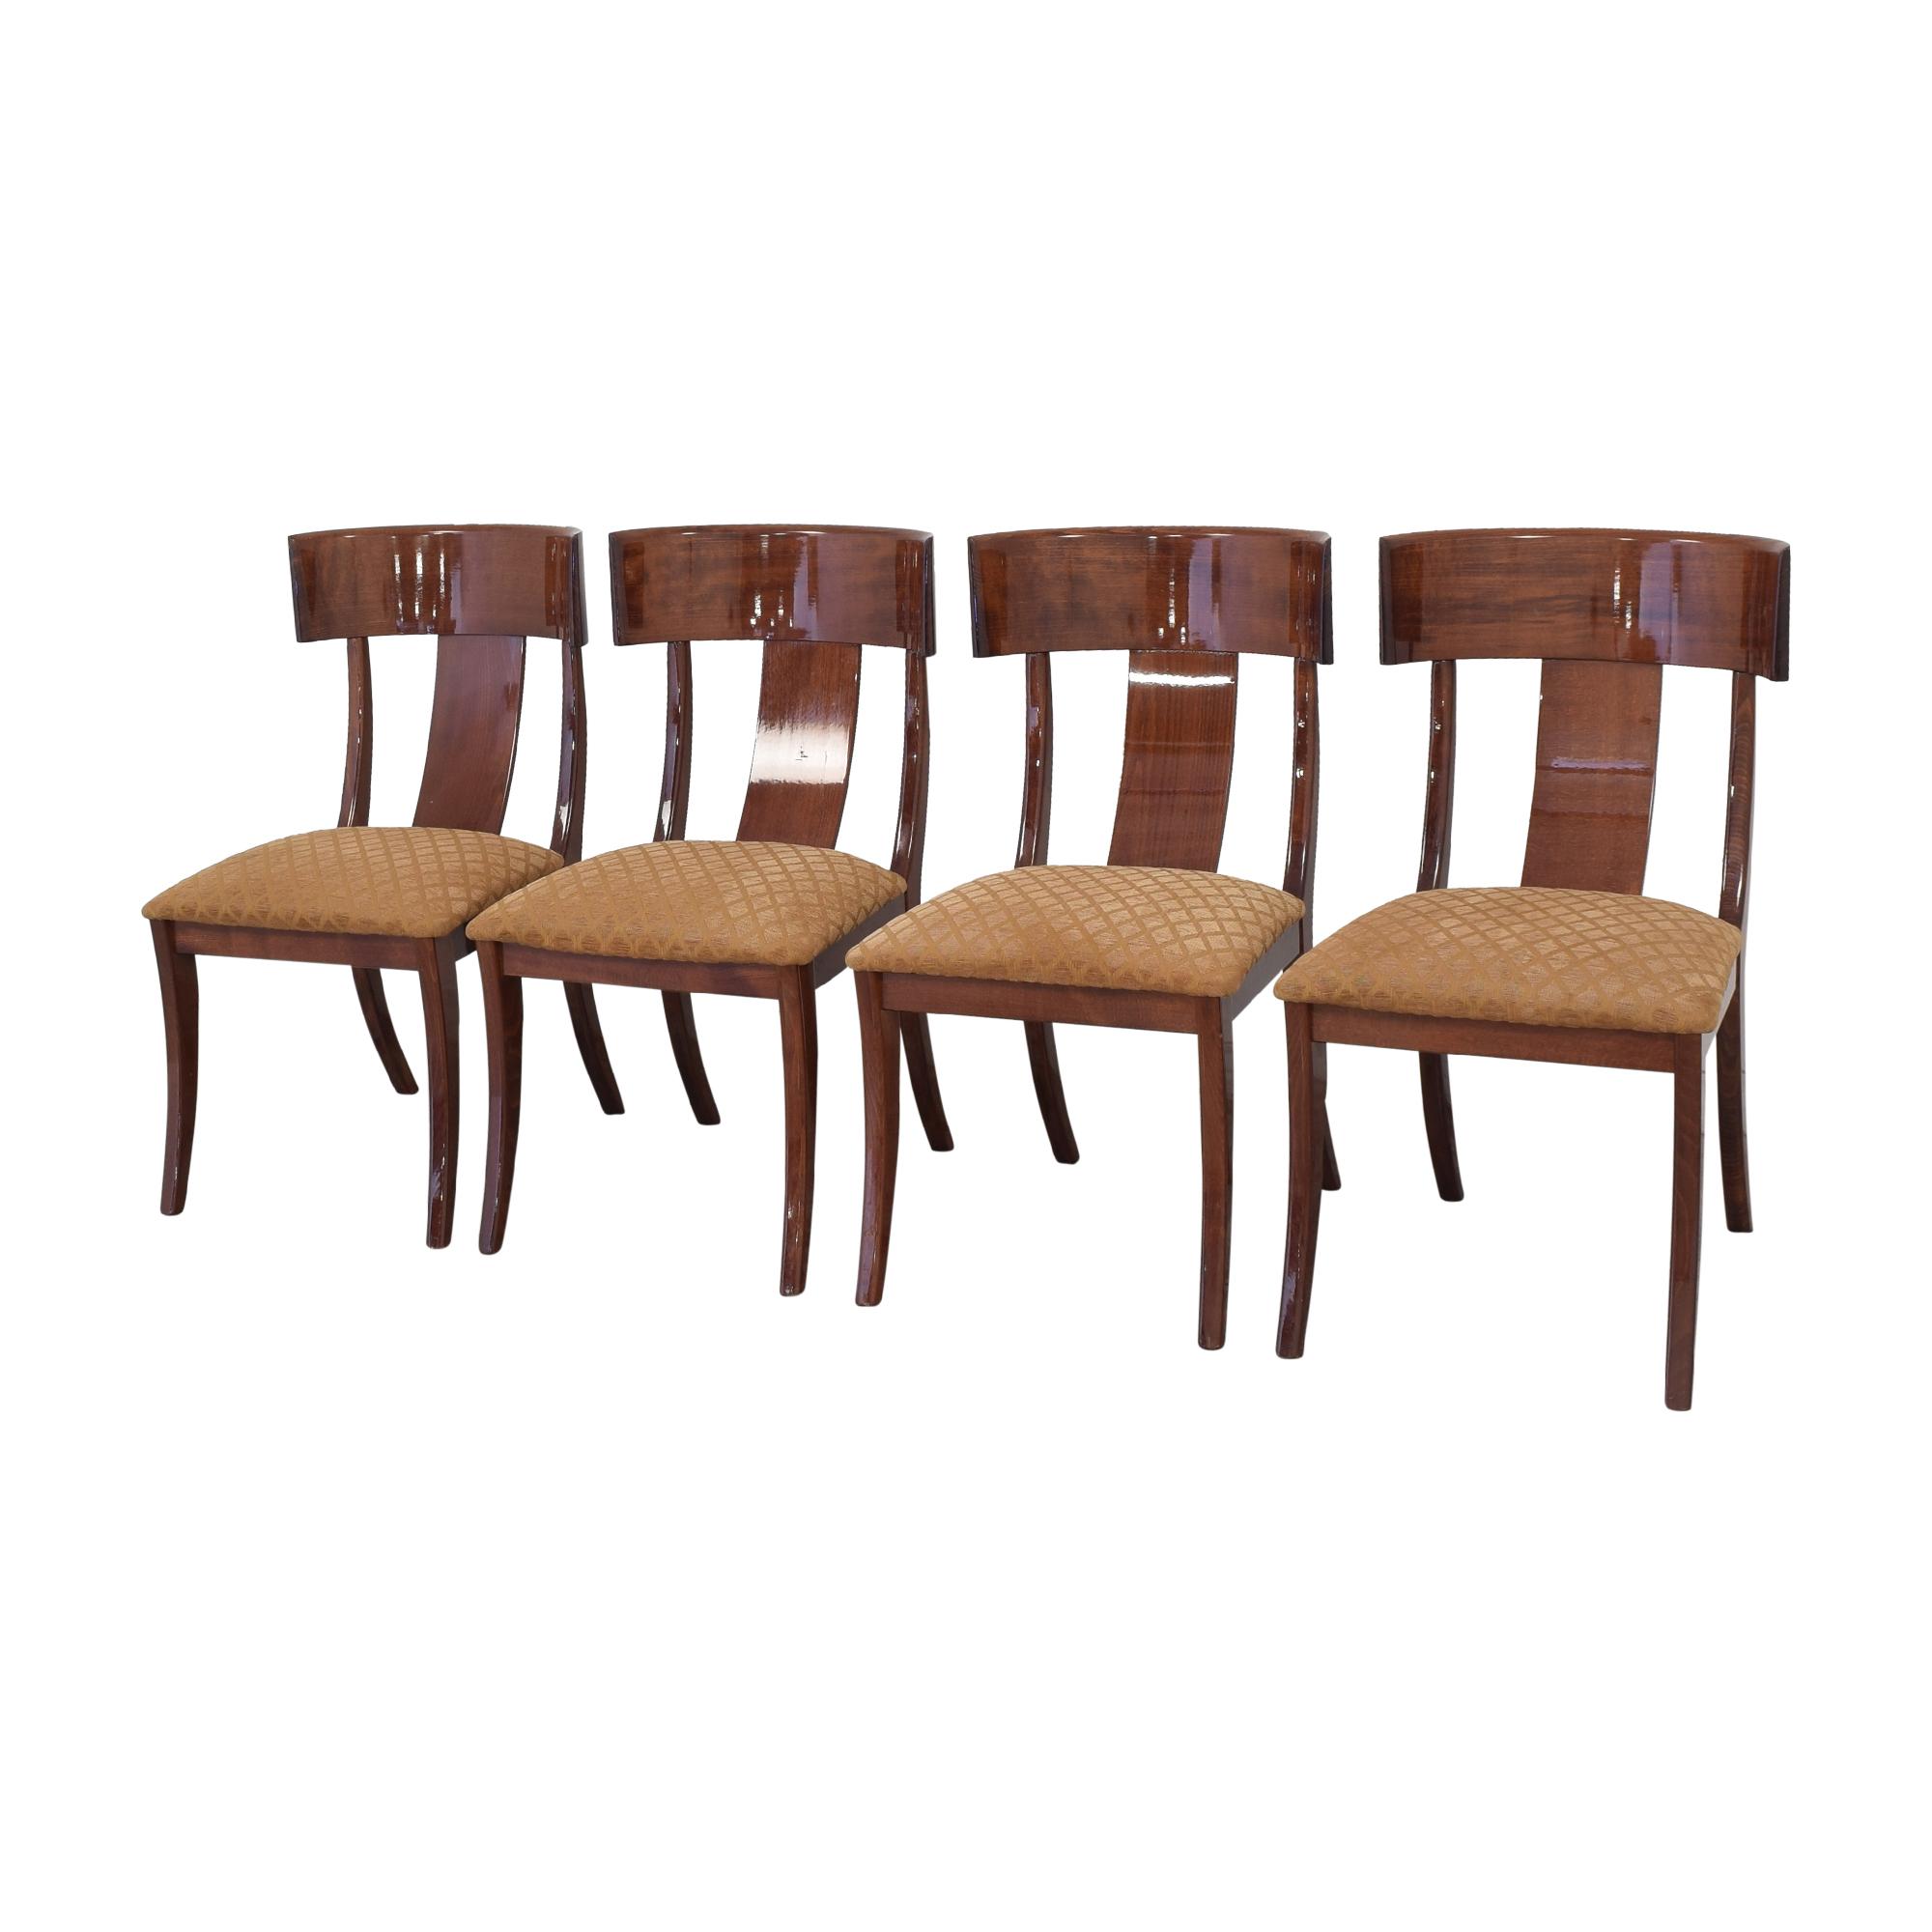 Ello Furniture Pietro Constantini for Ello Klismos Dining Chairs coupon